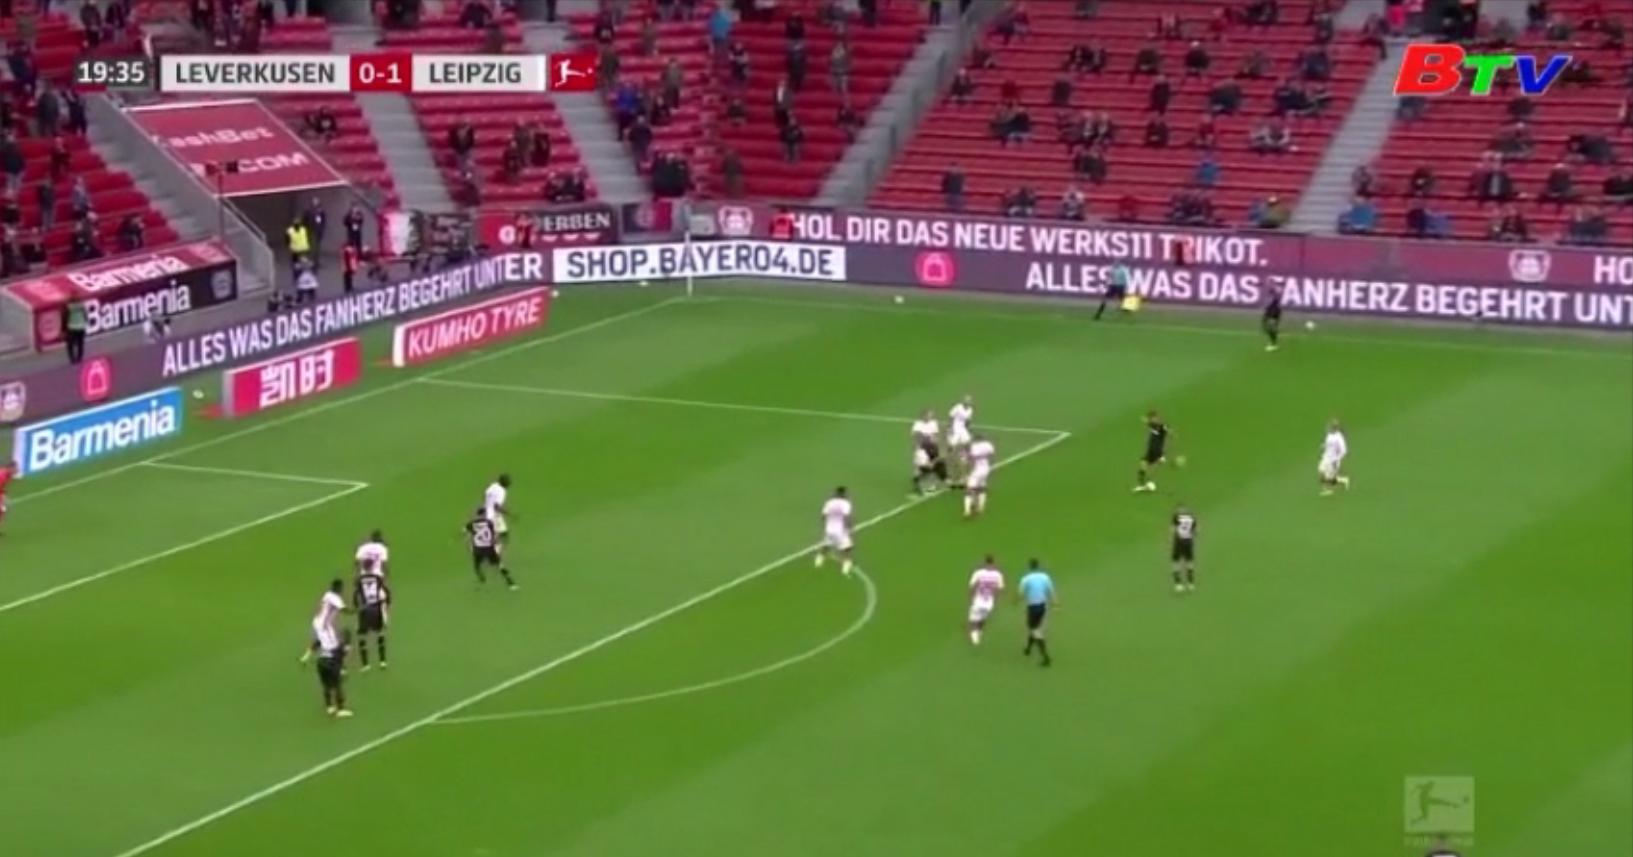 Vòng 2 Bundesliga – Leverkusen 1-1 Leipzig